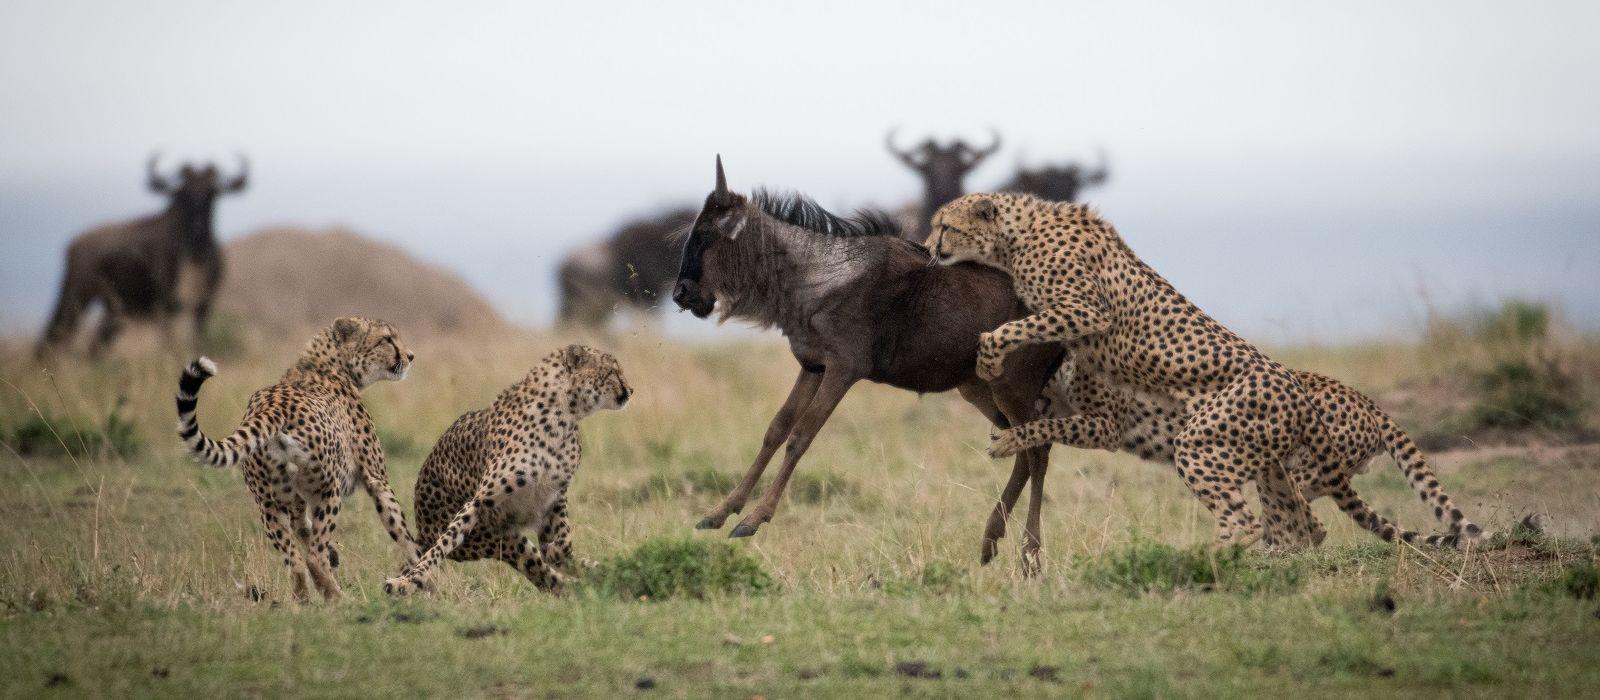 Kenia: Abseits bekannter Wege Urlaub 4